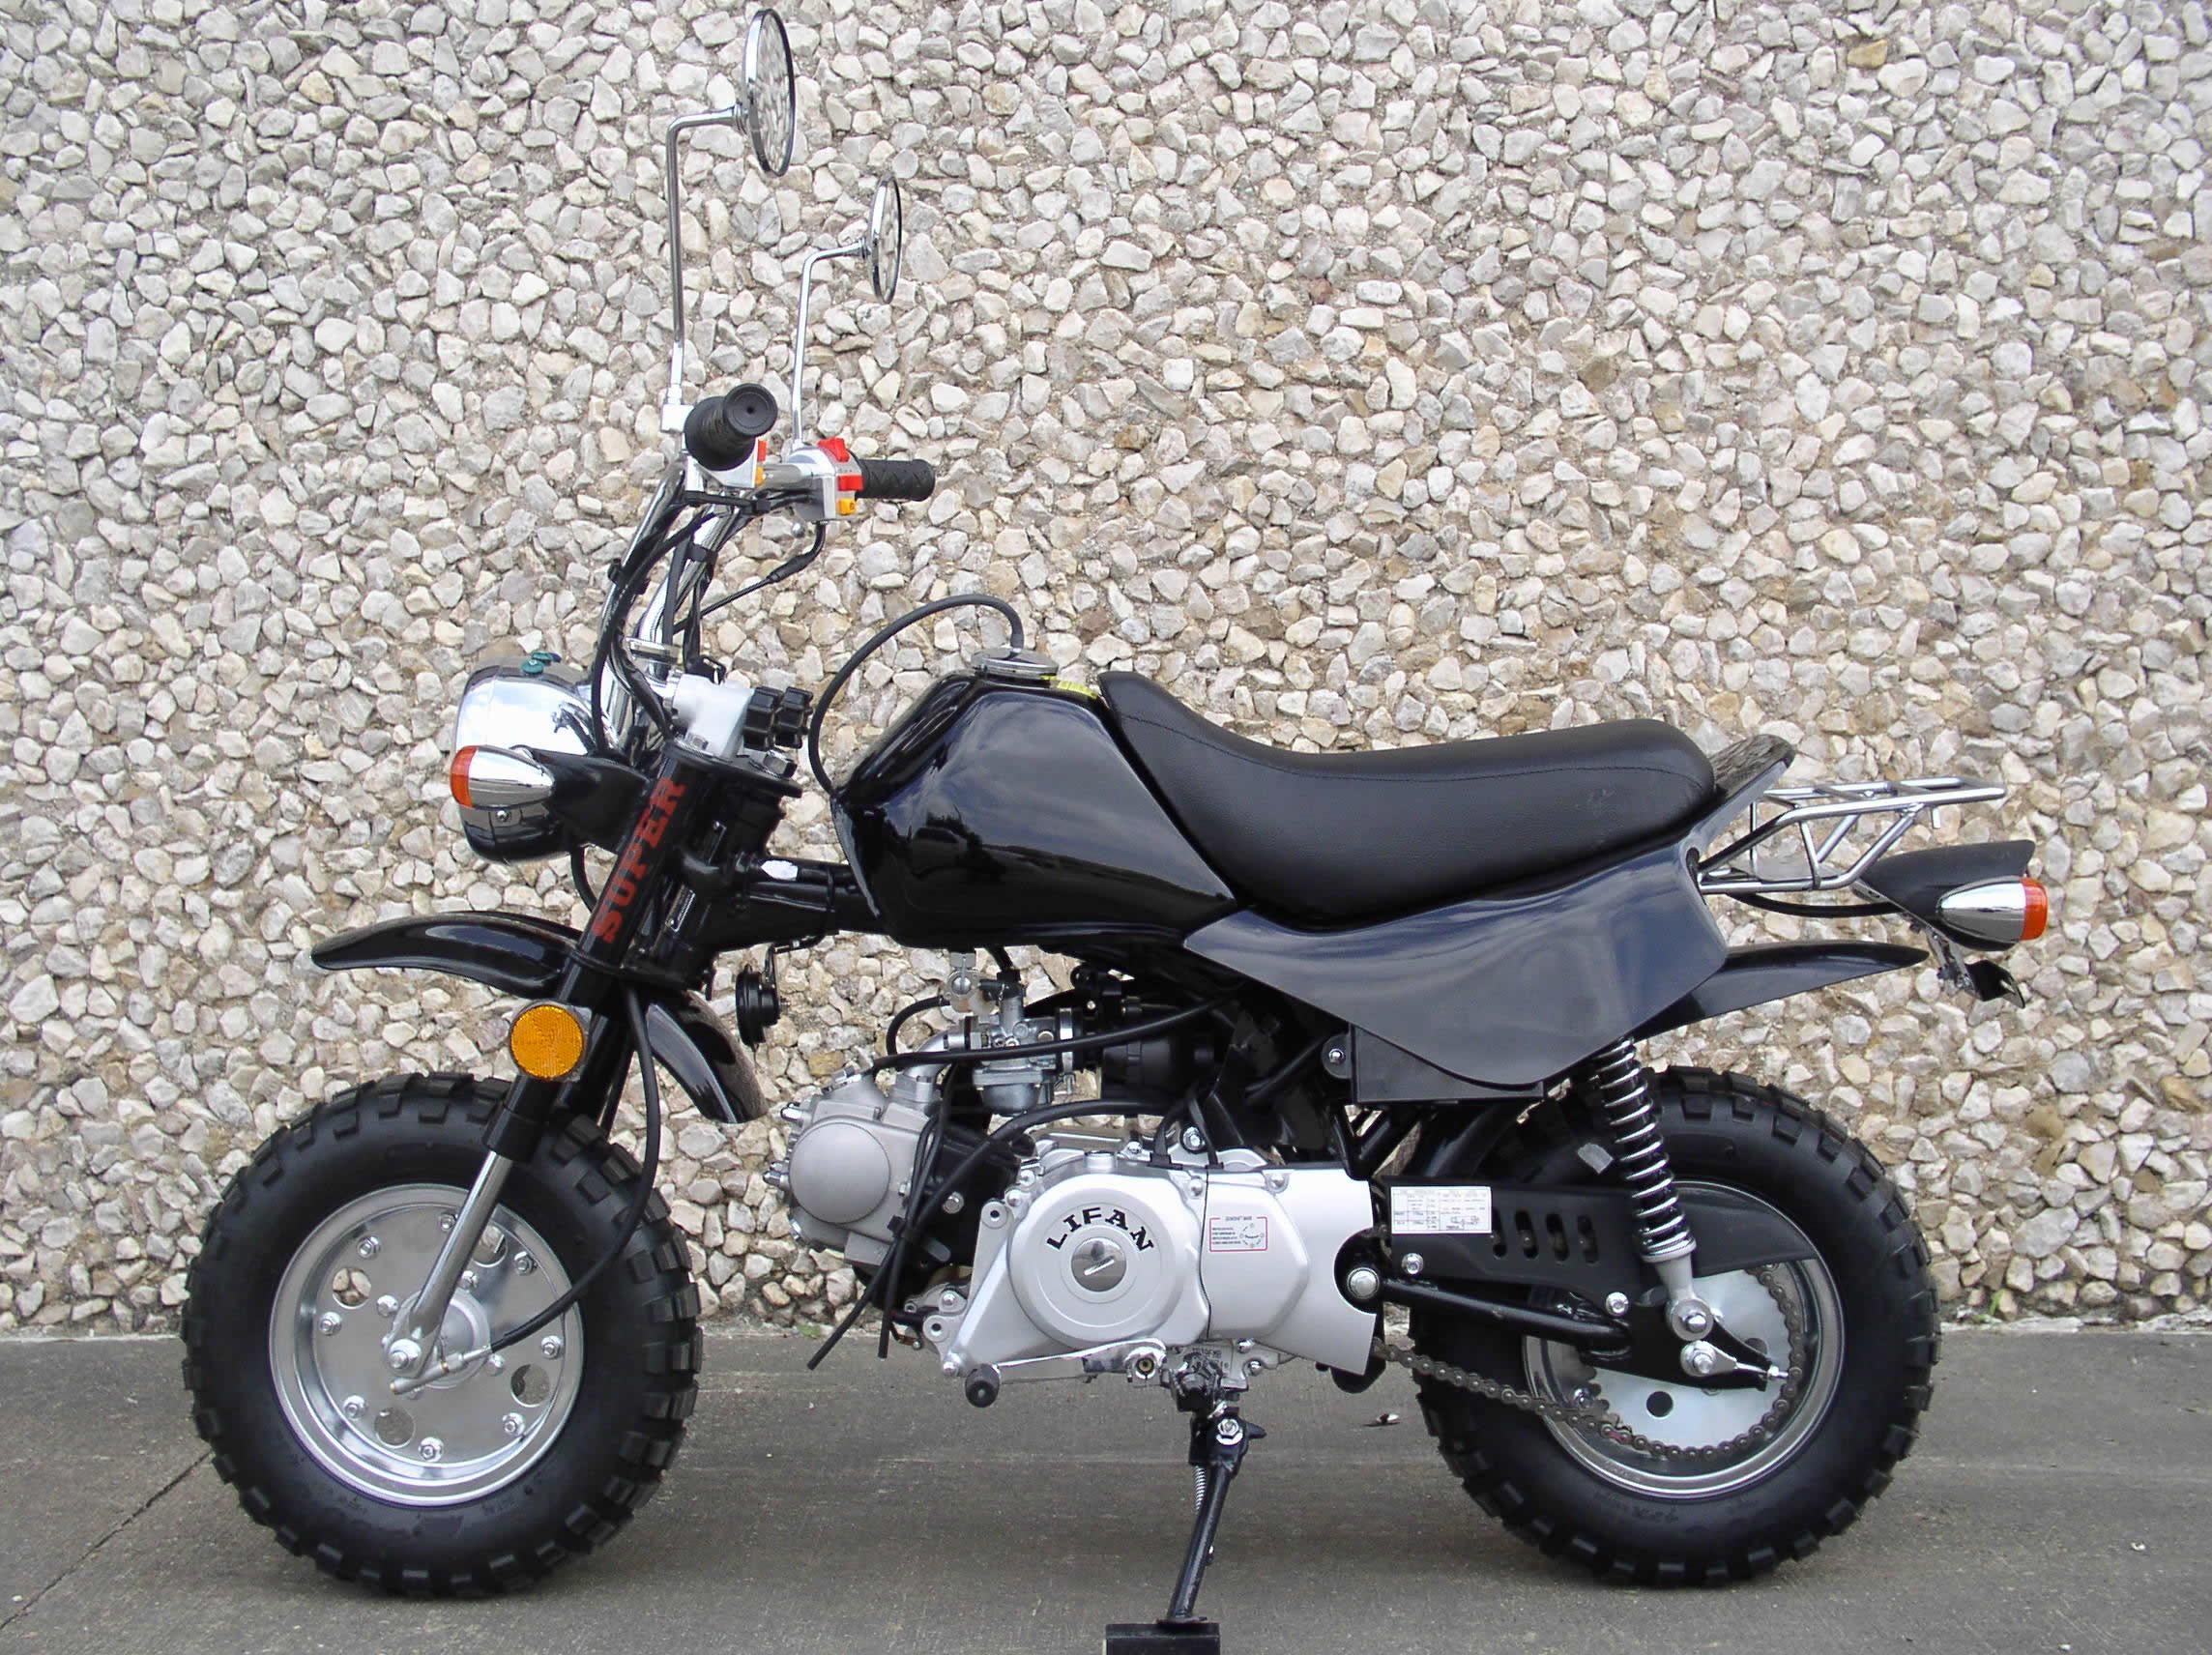 Lf Qgy on Hydraulic Brake